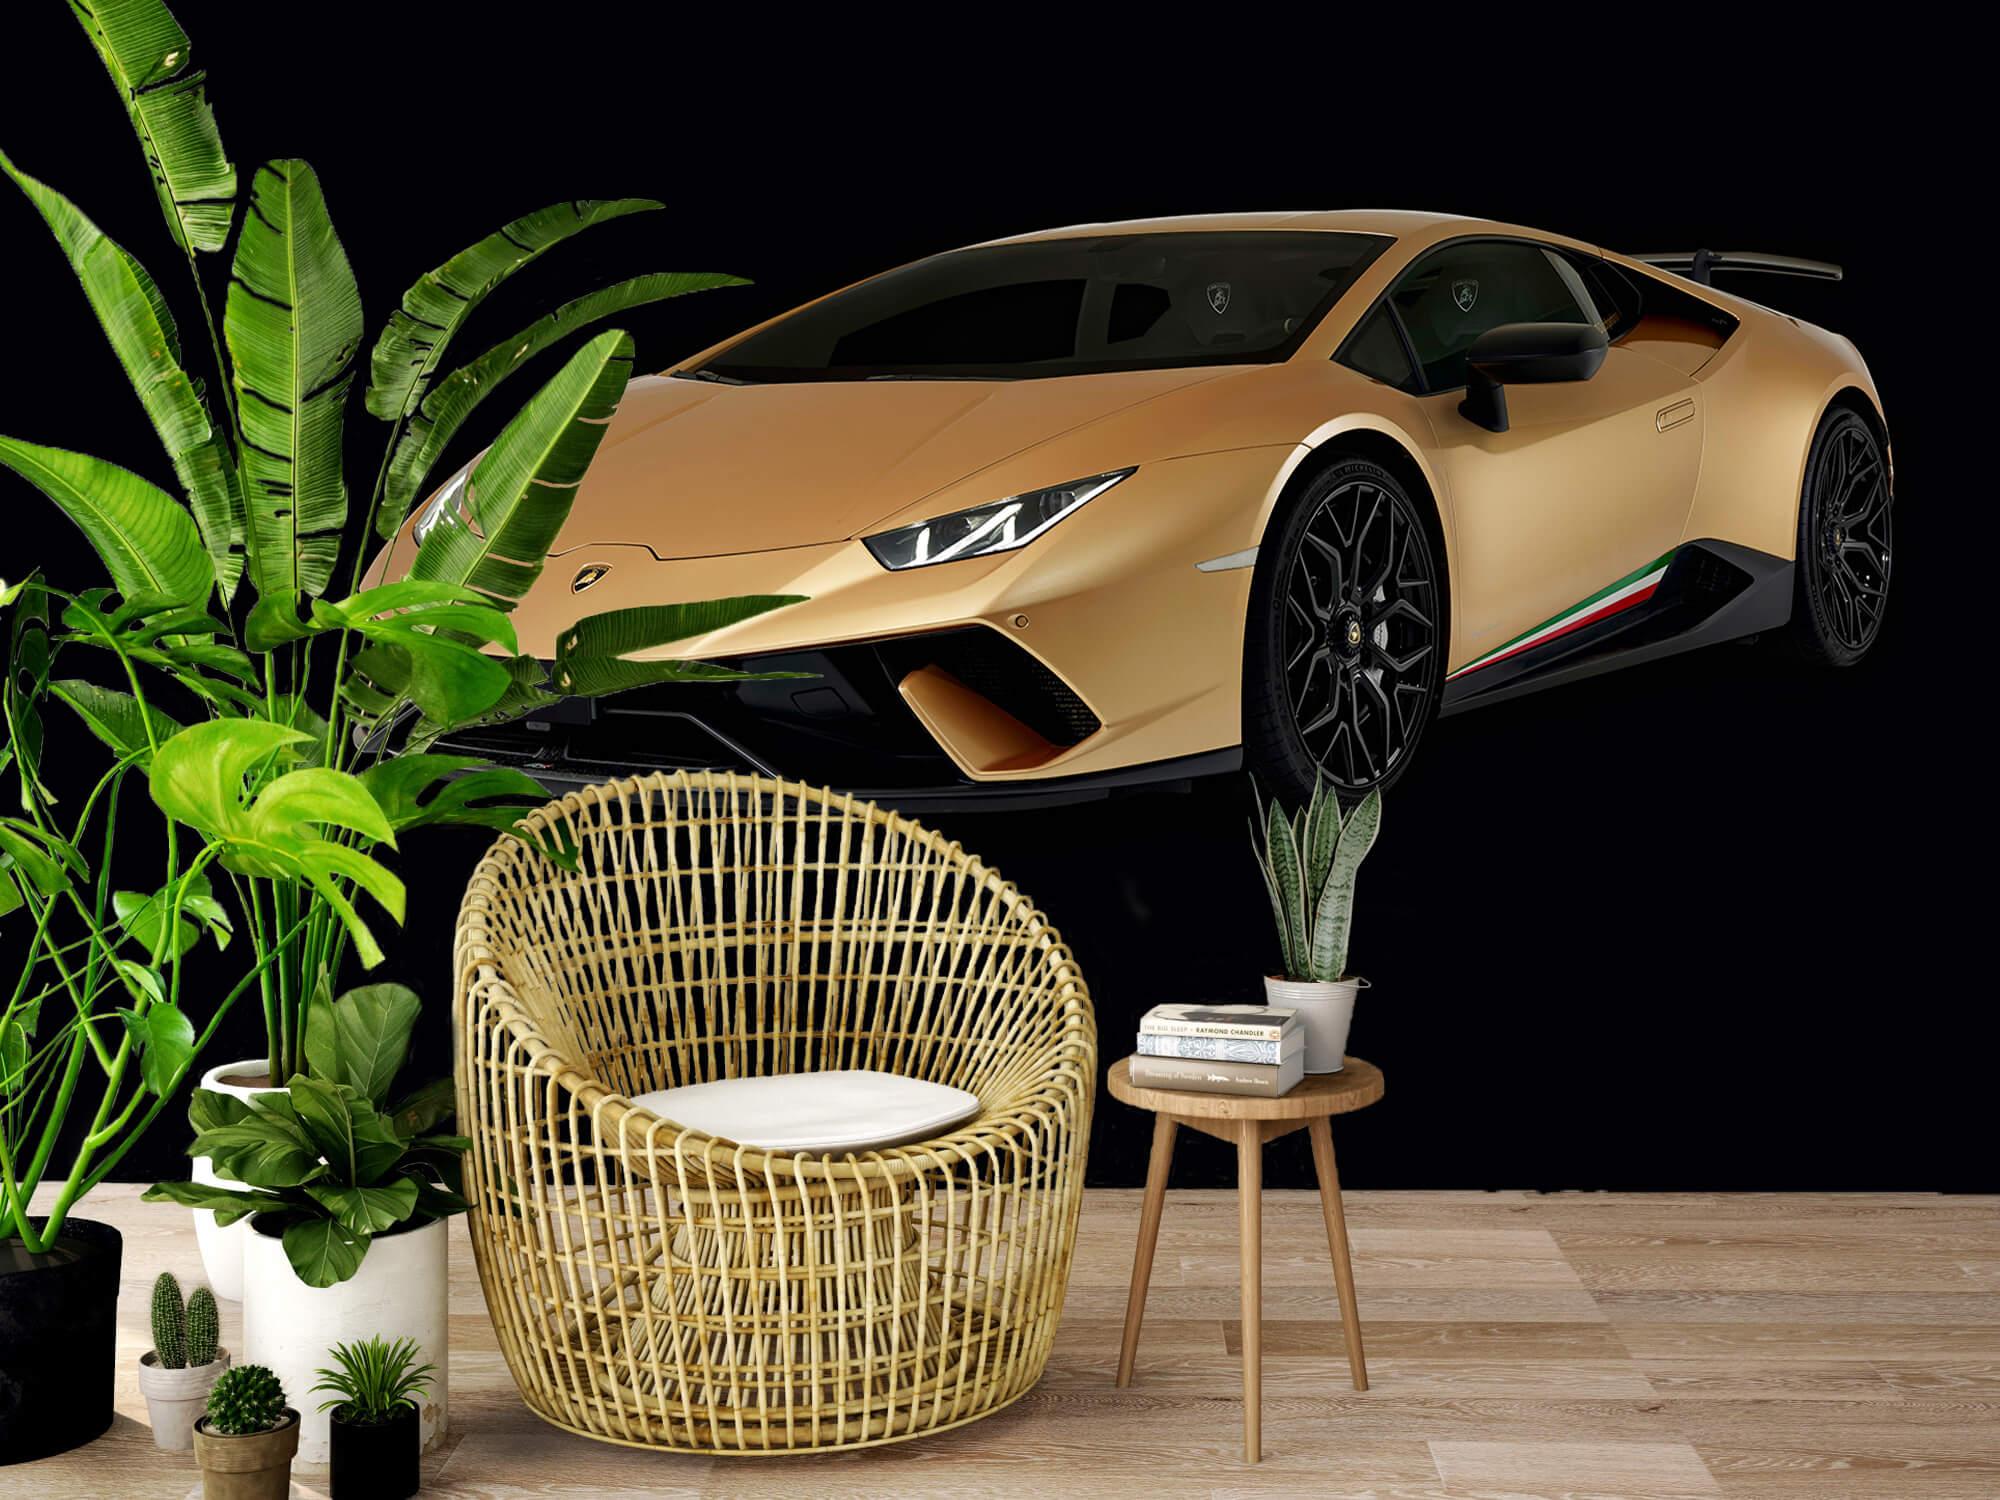 Wallpaper Lamborghini Huracán - Right Front, black 8